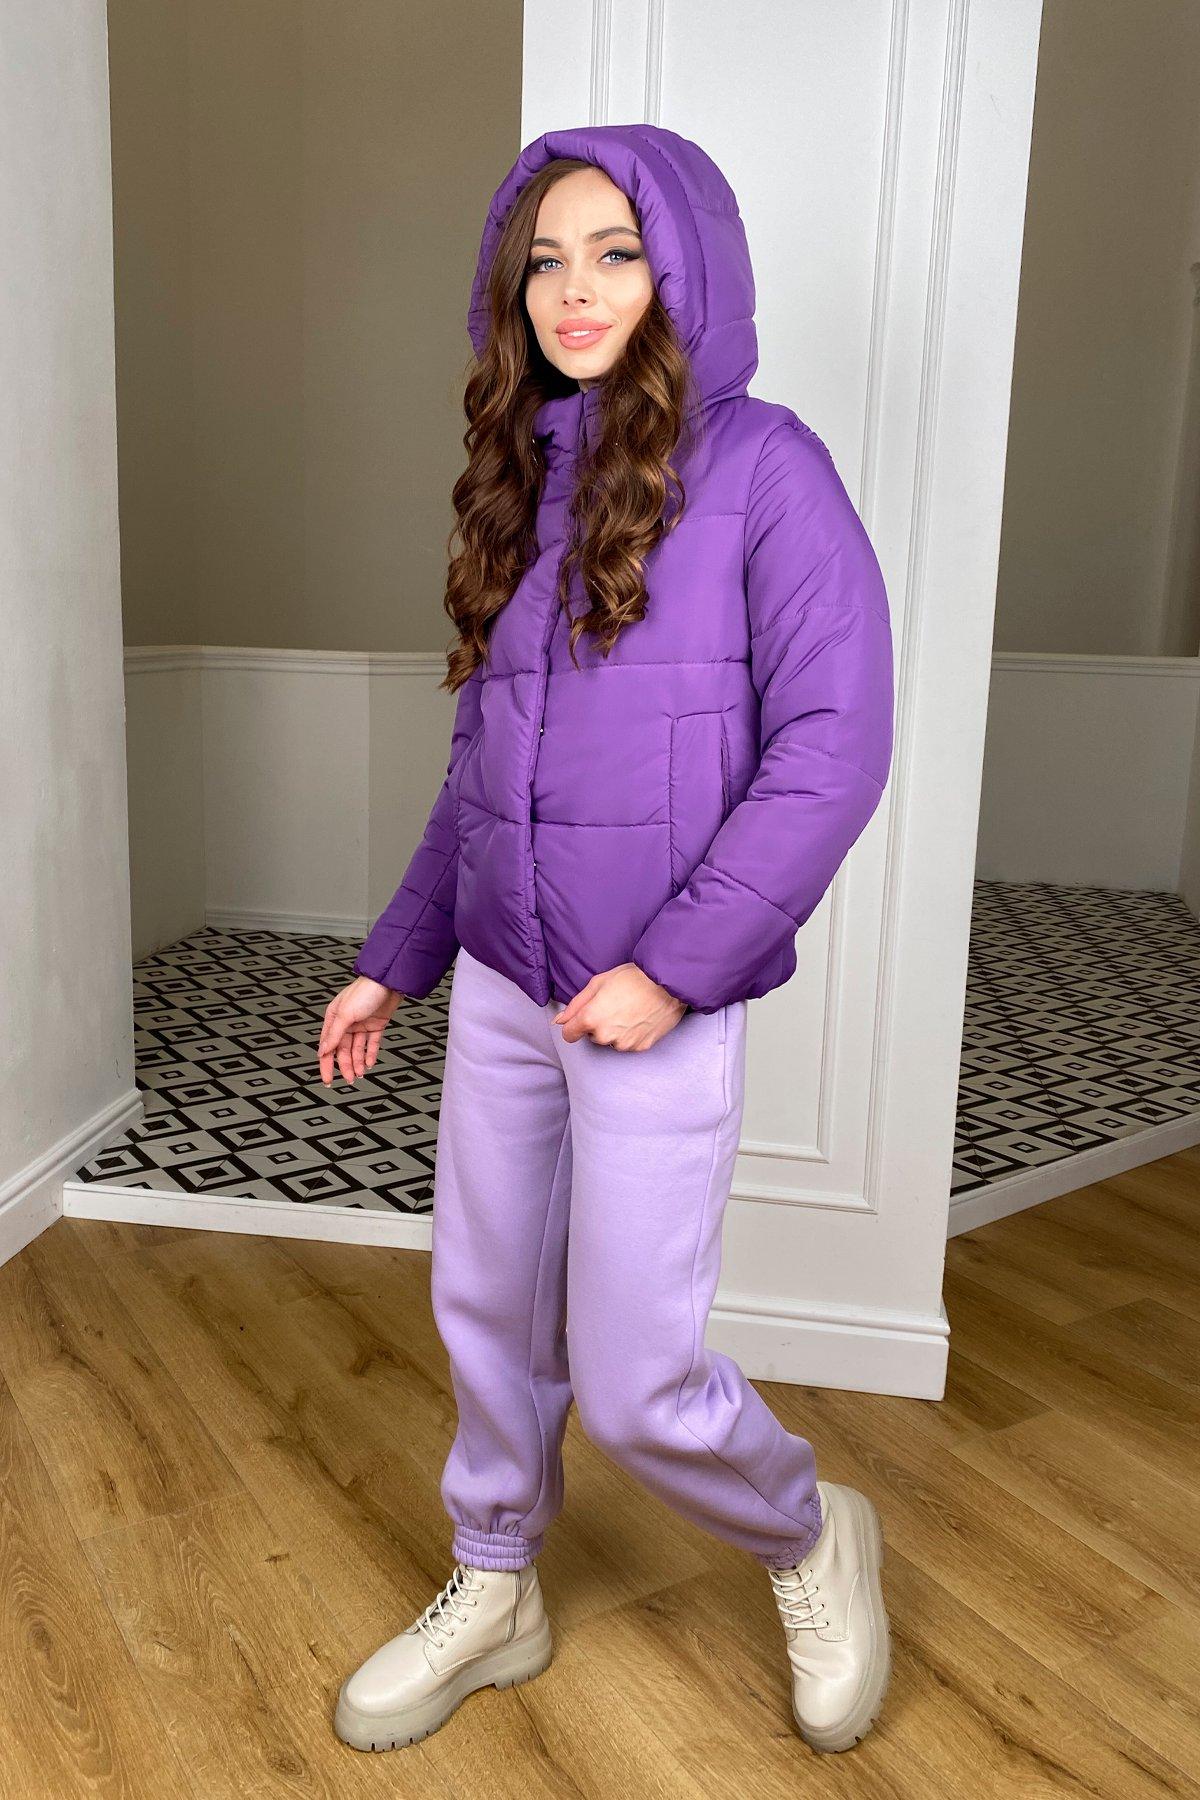 Рито  куртка из плащевой ткани Ammy  10443 АРТ. 46763 Цвет: Сиреневый 861 - фото 7, интернет магазин tm-modus.ru